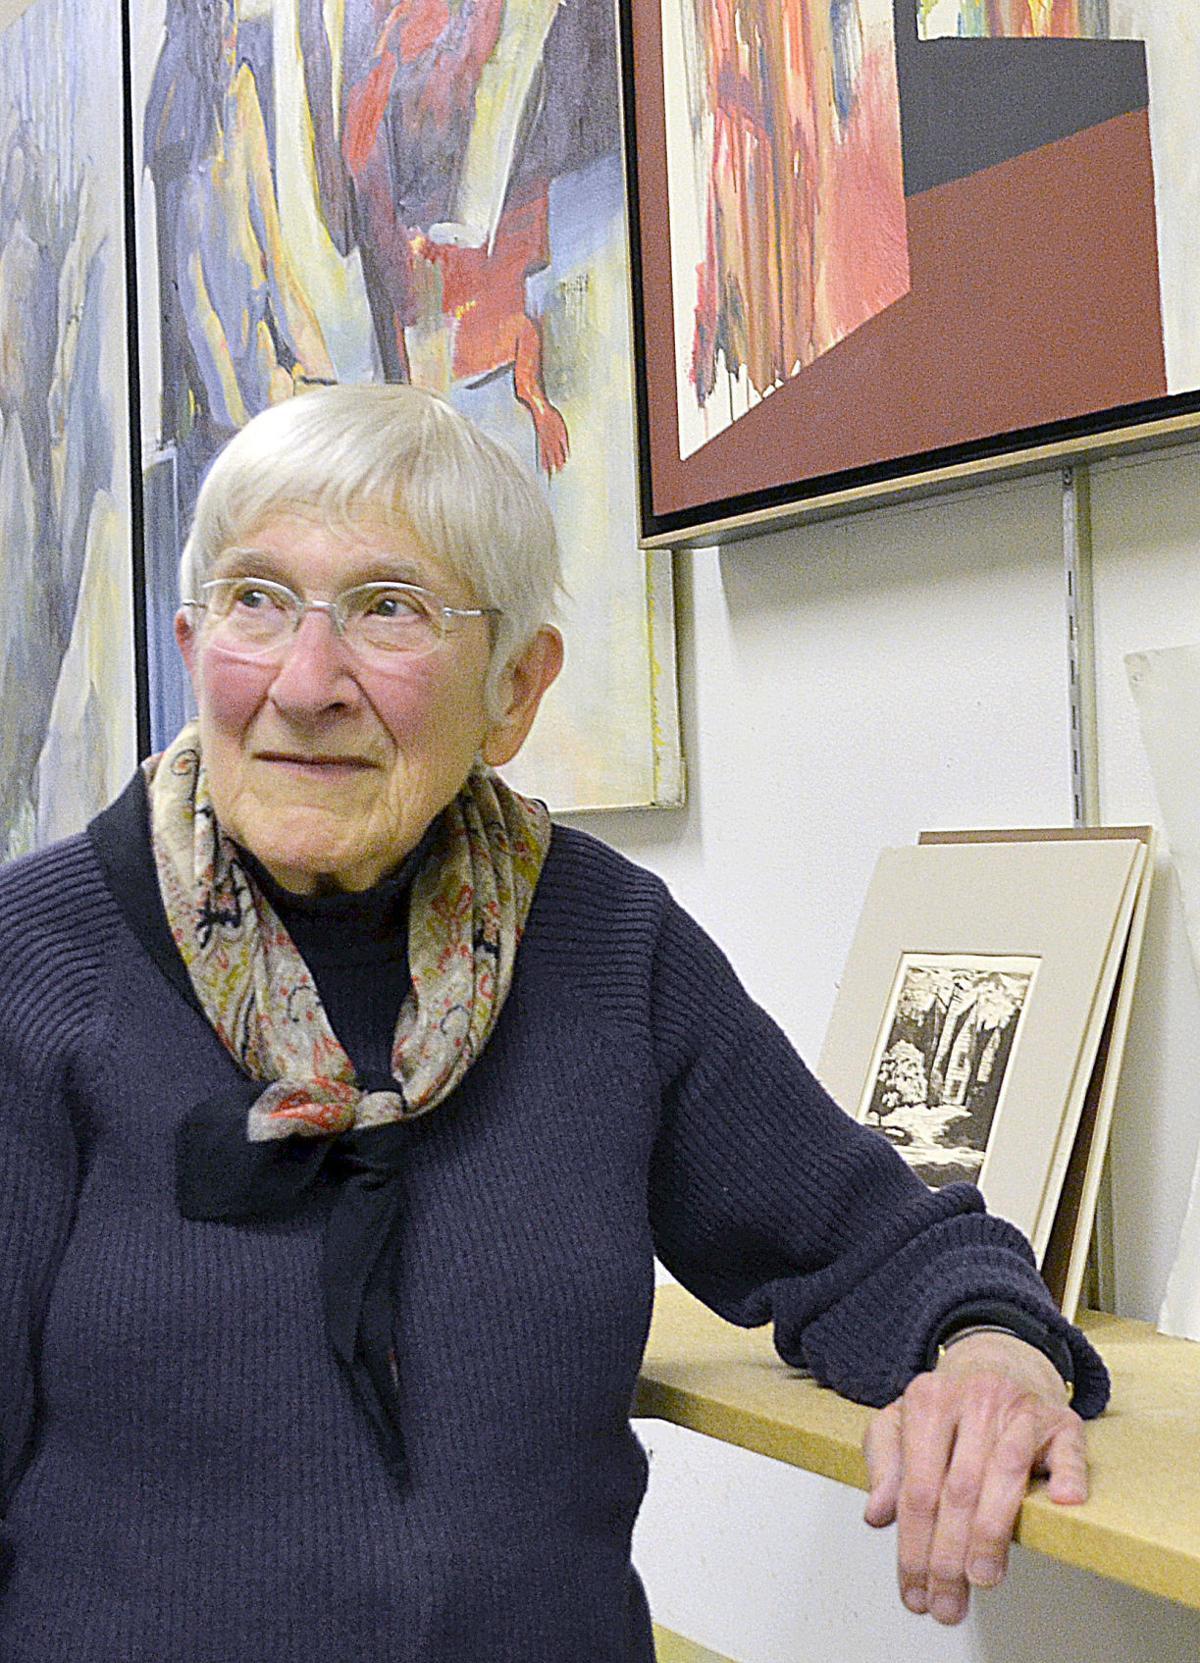 Bonnie West shares David West art